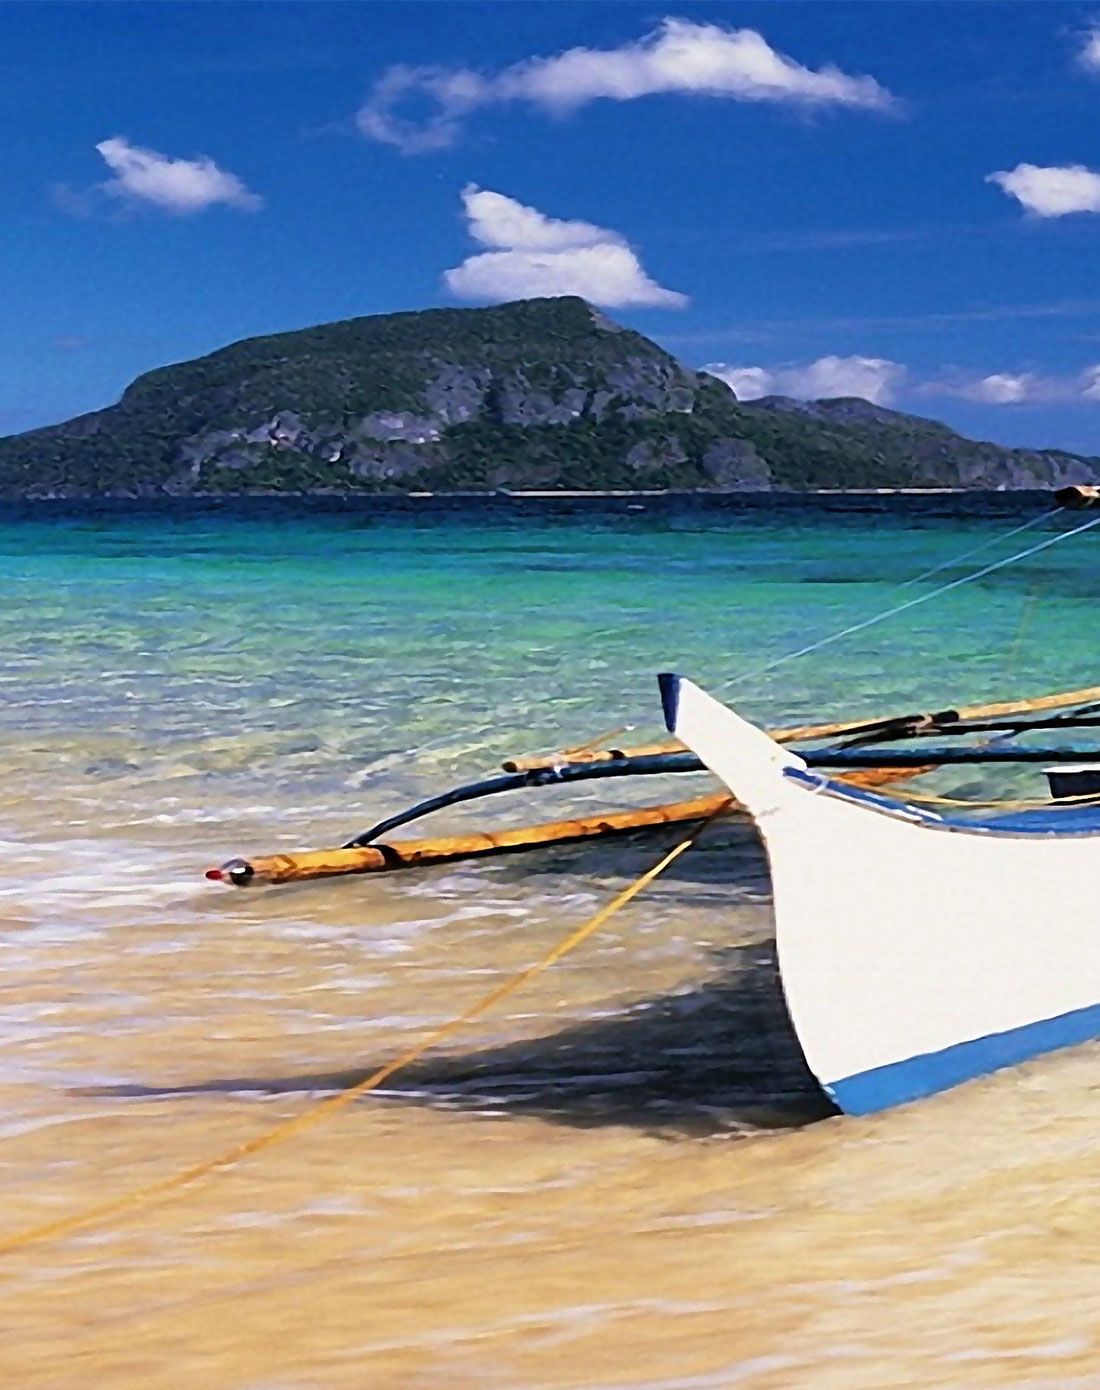 紫色晨曦风景装饰画 海边码头